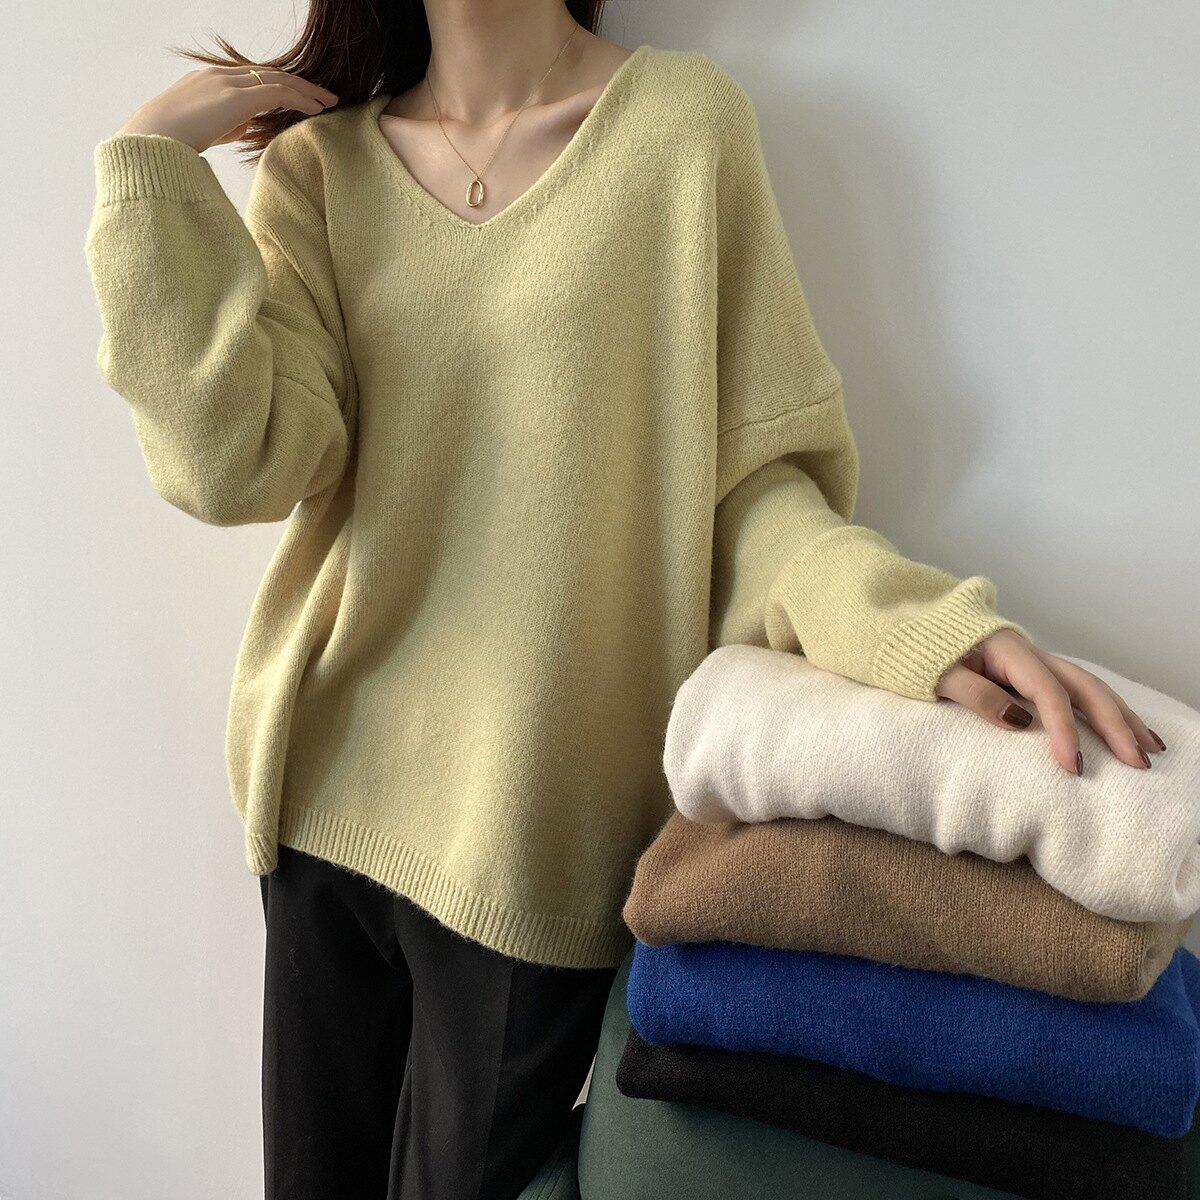 超推薦的新品舒適毛衣上衣 柔軟V領寬鬆長袖針織衫 艾爾莎【TAE8512】